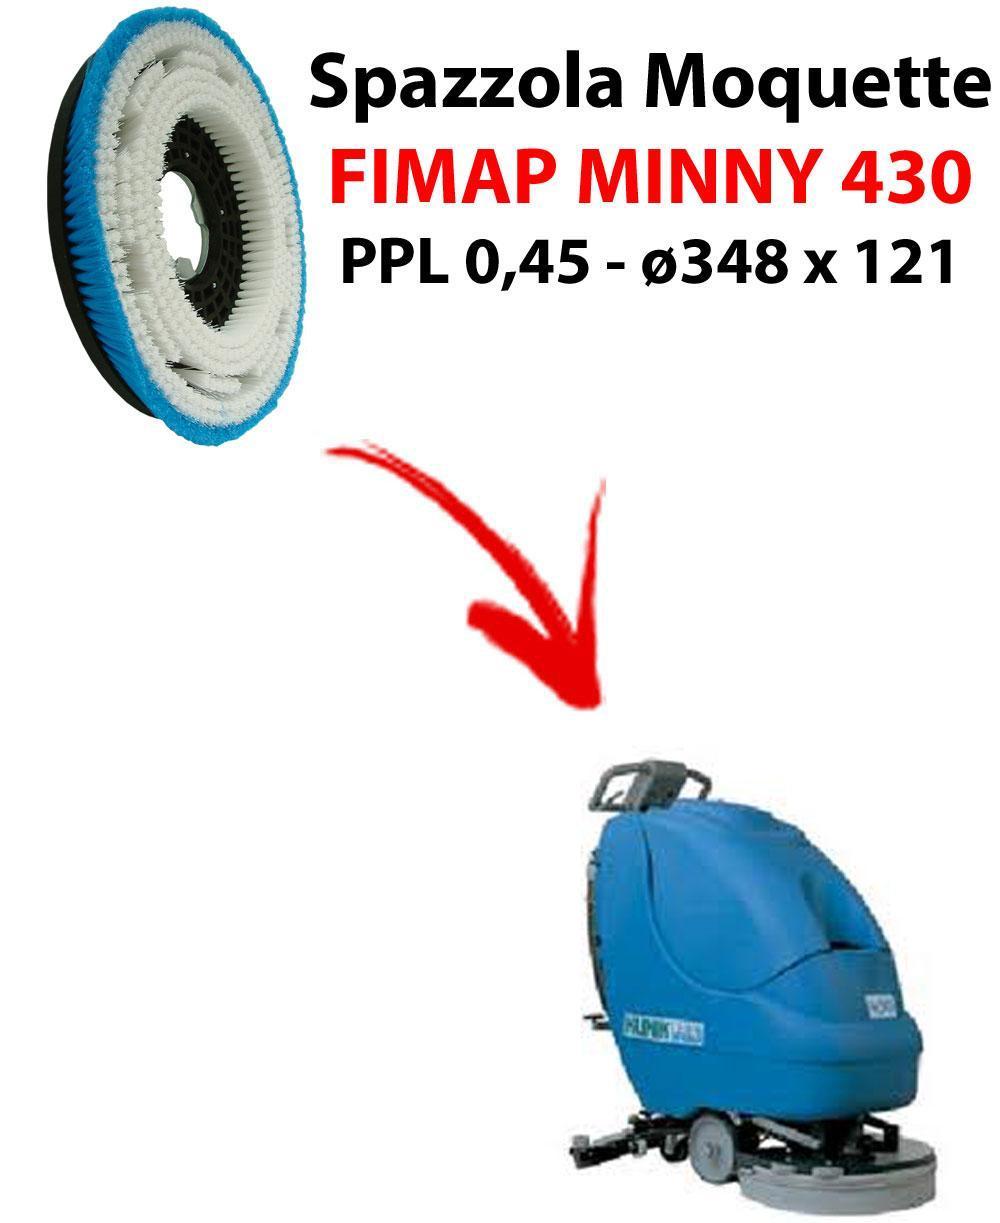 Cepillo MOQUETTE  para fregadora FIMAP MINNY 430. modelo: PPL 0,45 C/FLANGIA ø348 X 121.